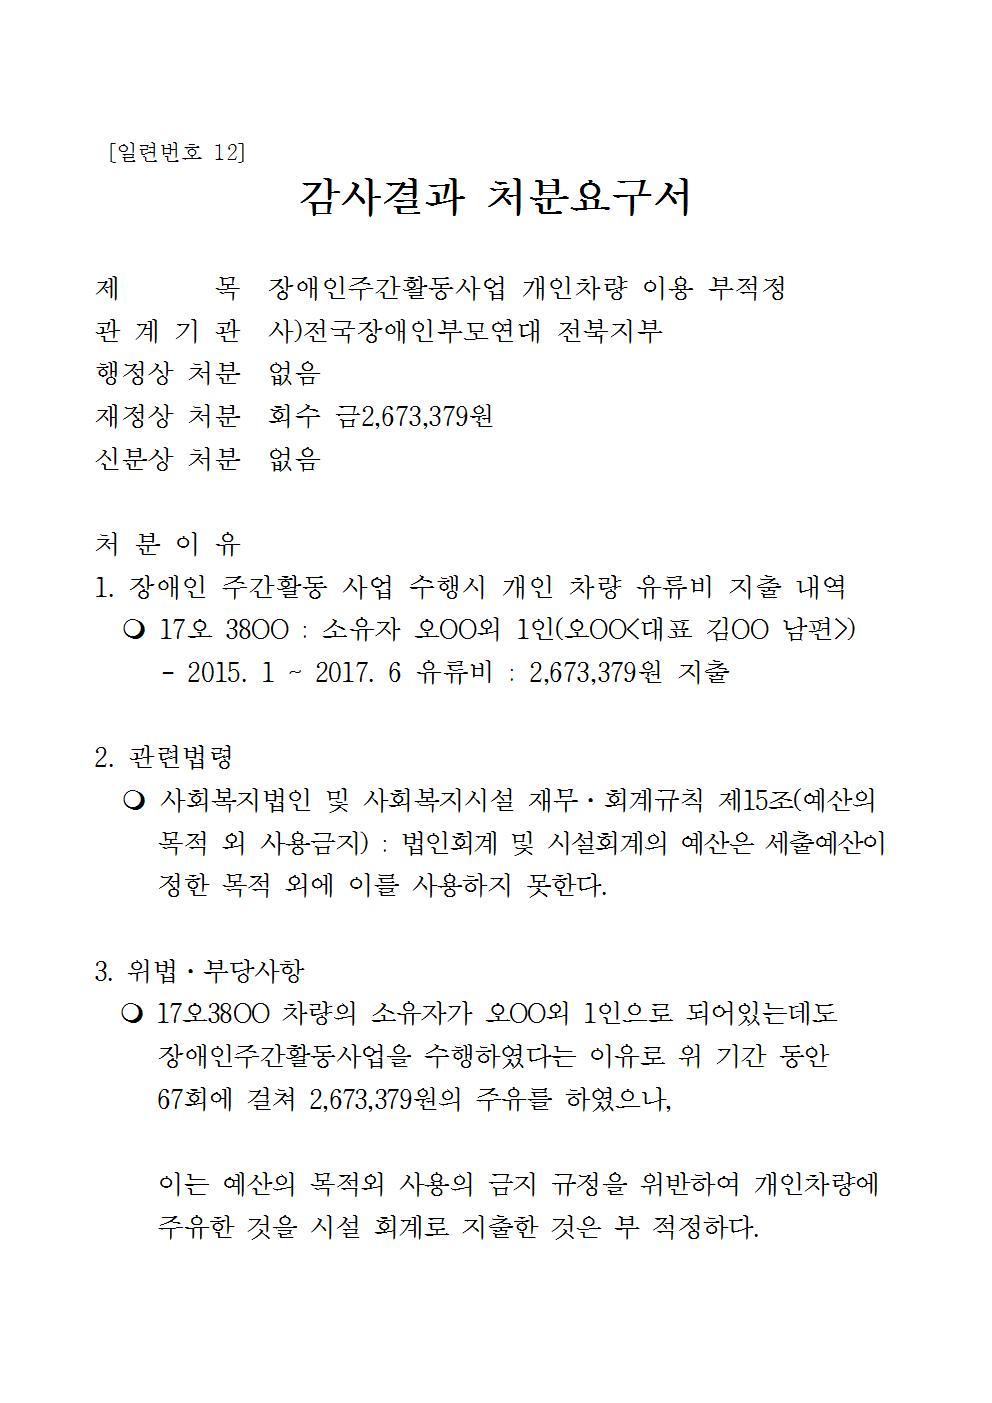 붙임) 처분요구서_전주시 생활복지과-37898(2017.9.1)호(공개용)023.jpg